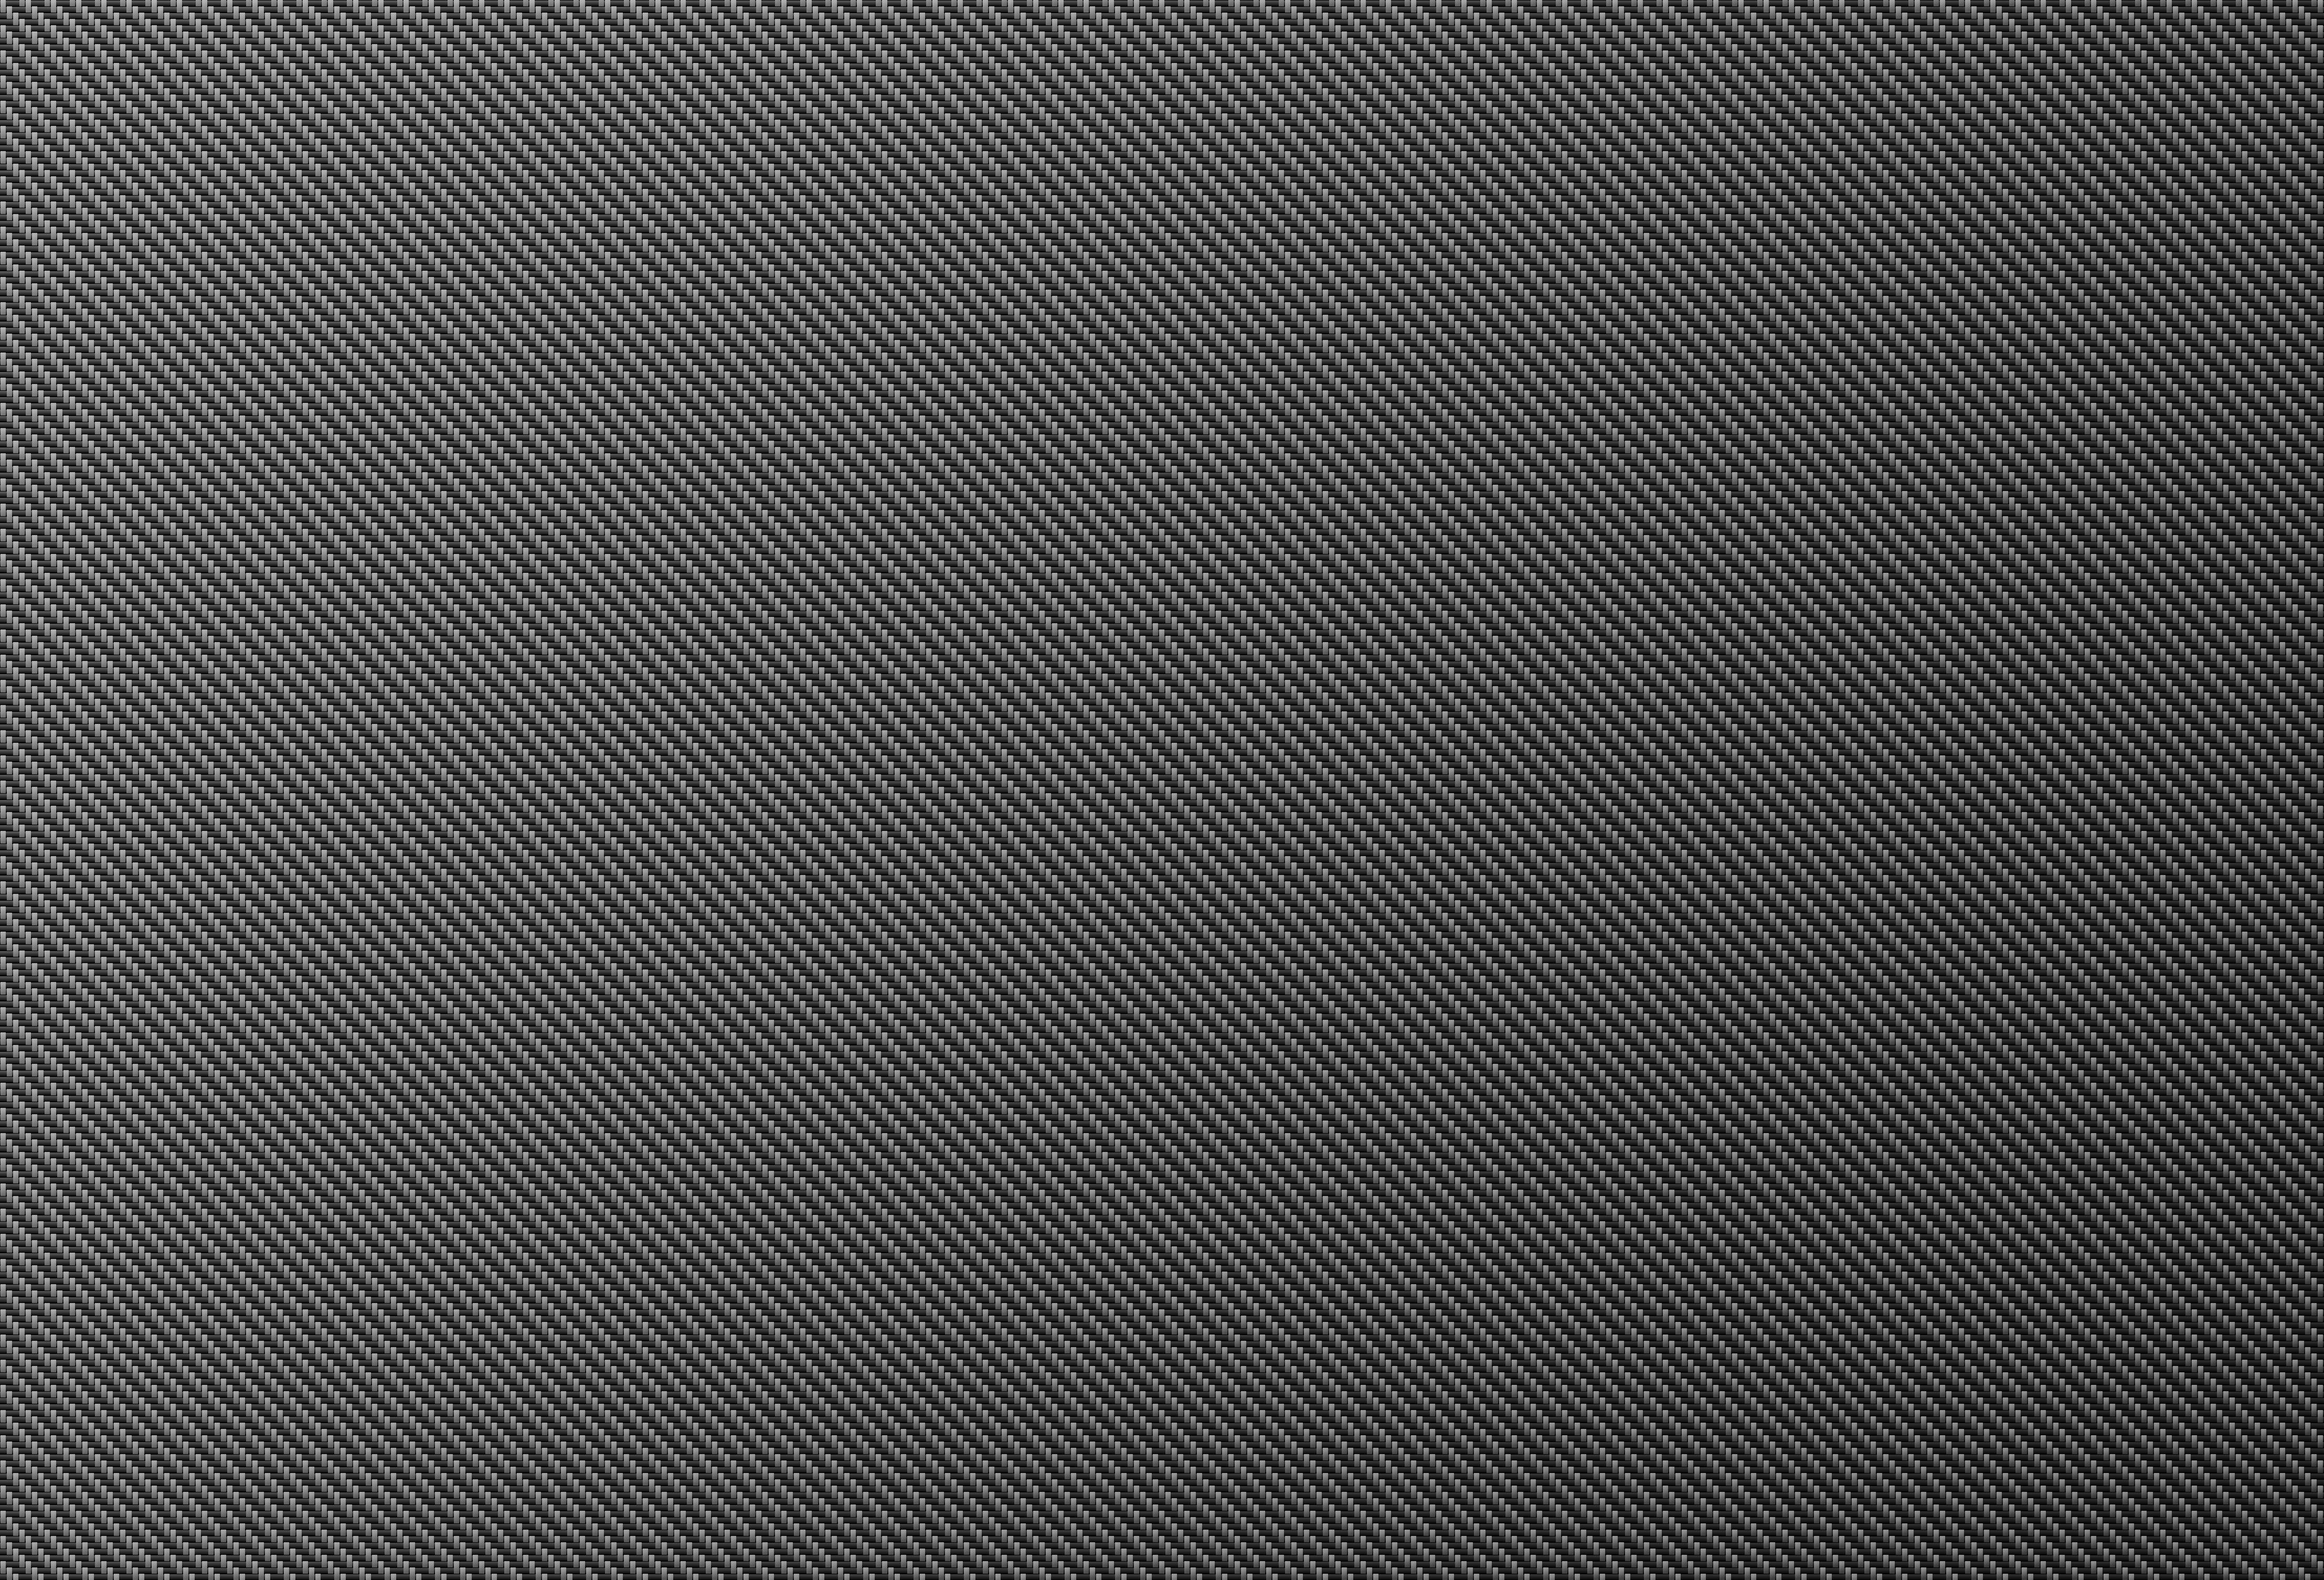 Carbon Fiber HD Wallpaper - WallpaperSafari